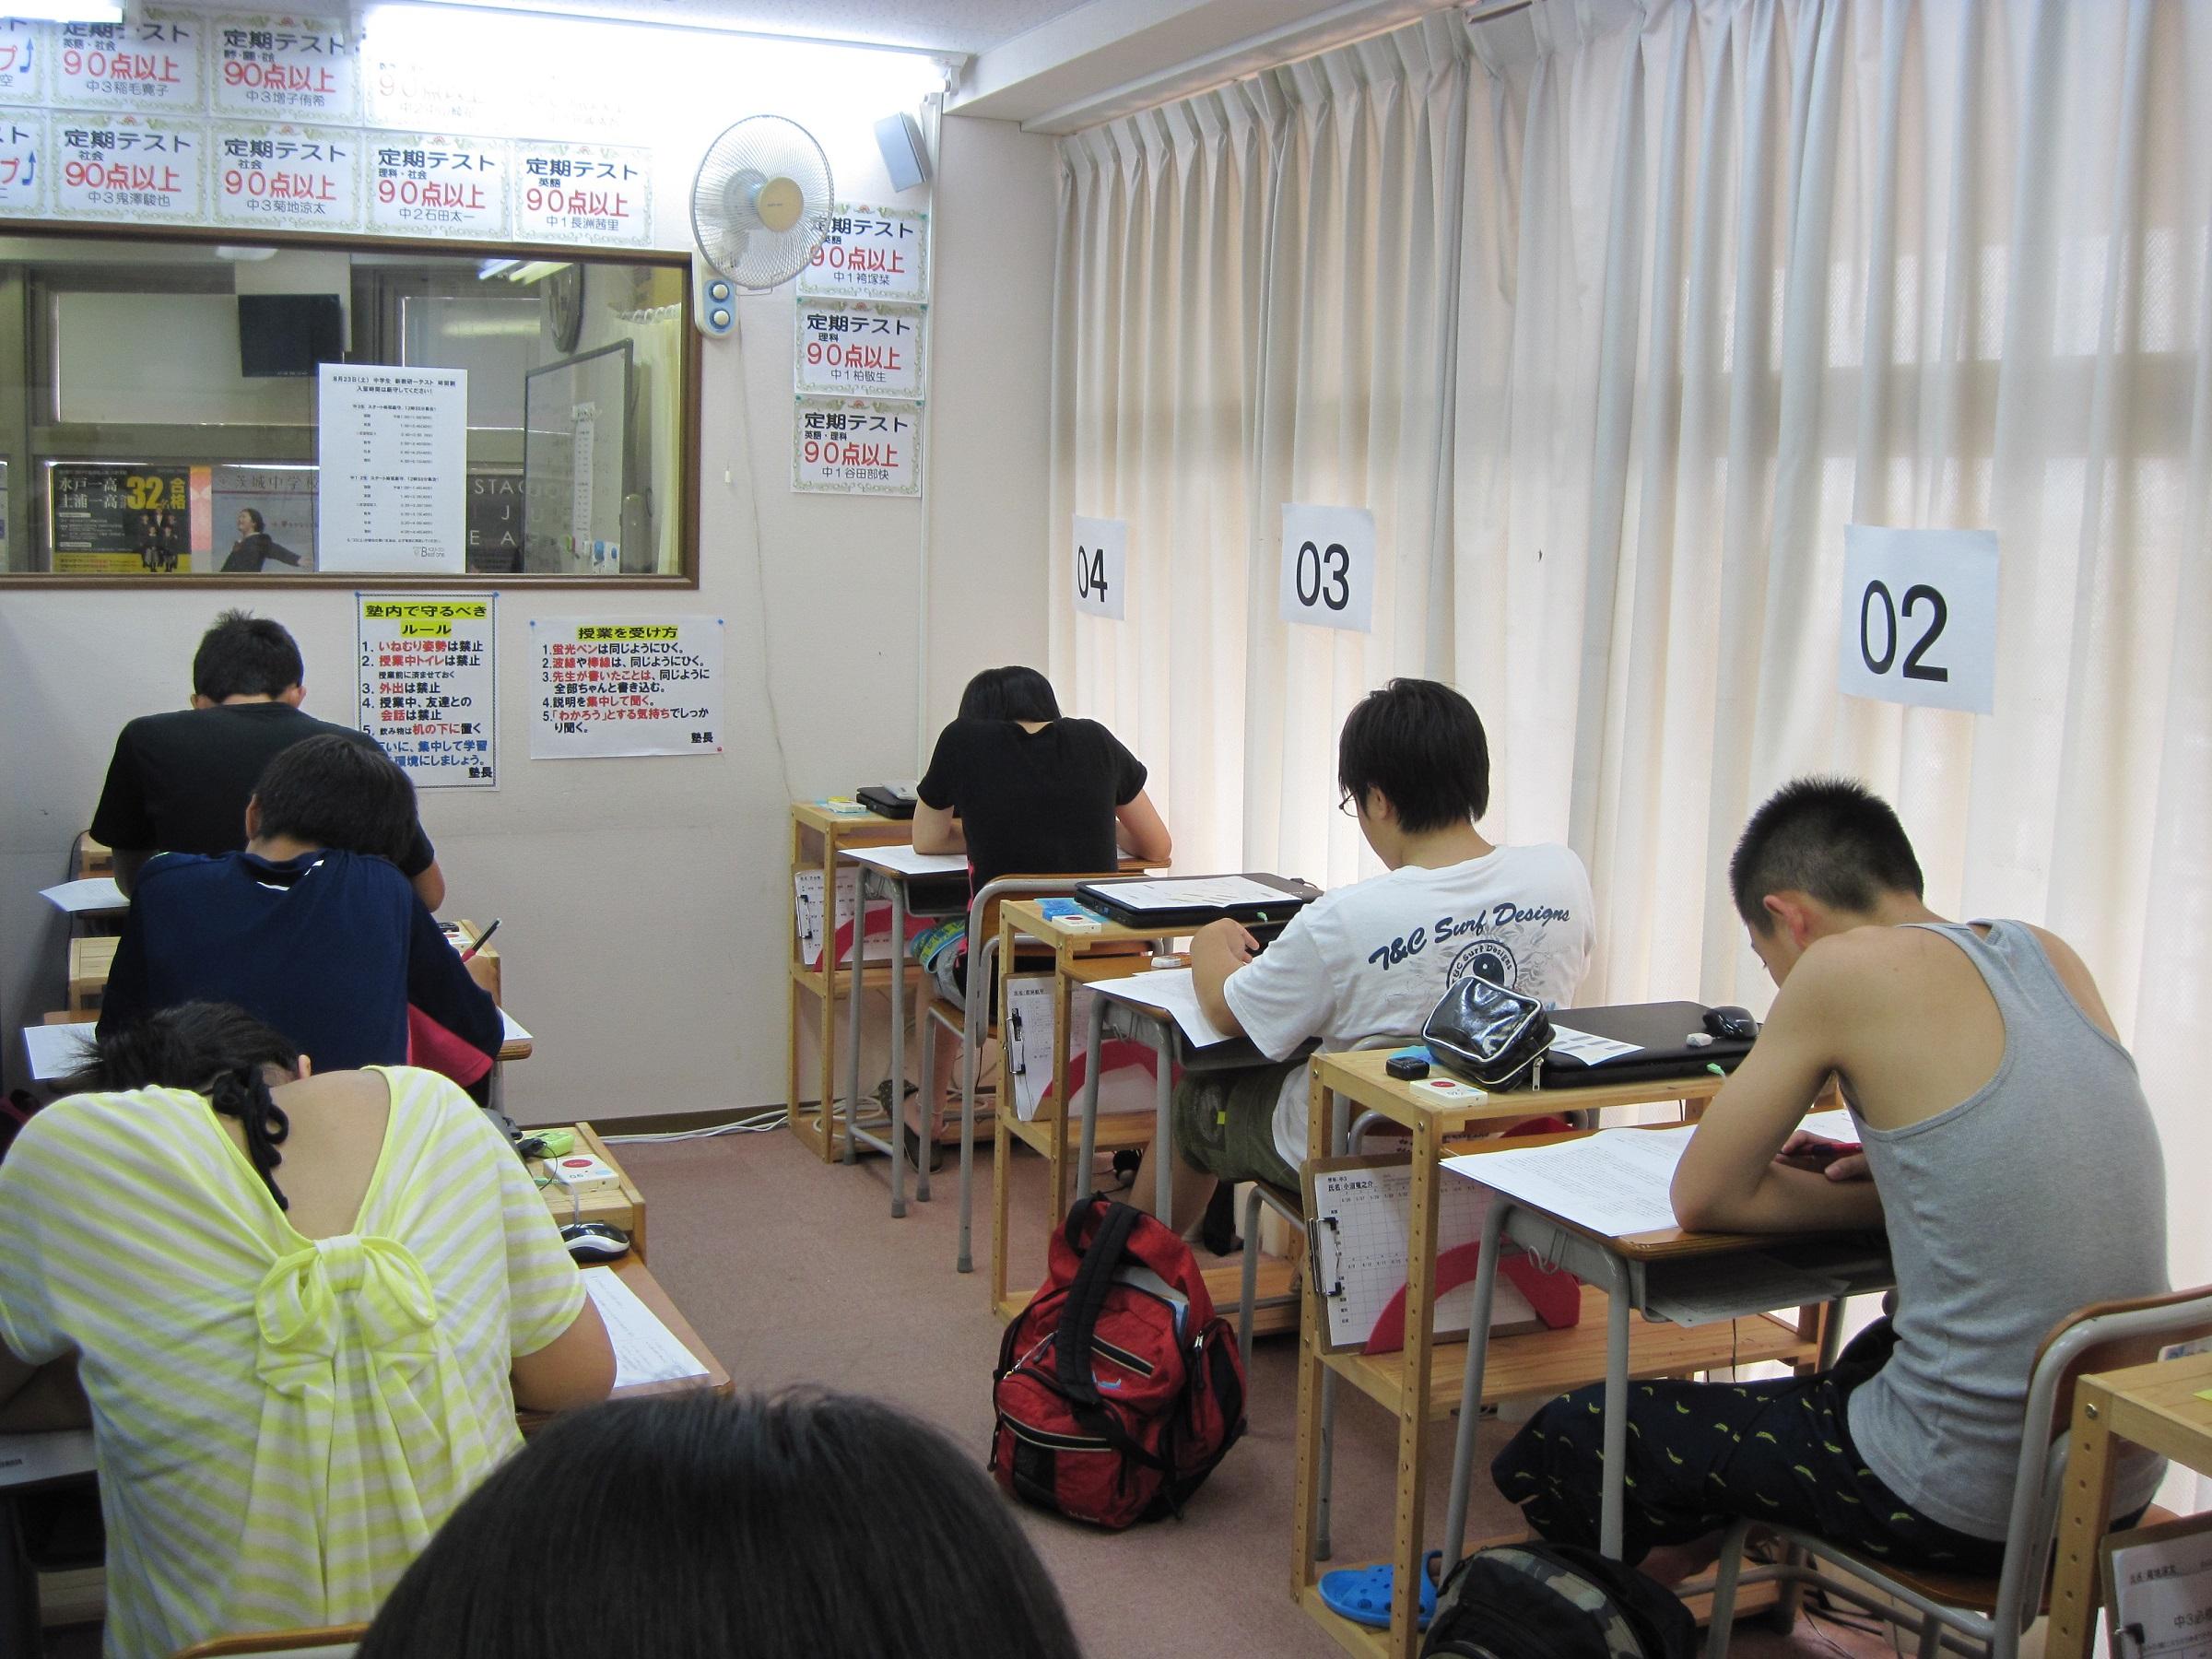 新教研テスト(中学生)page-visual 新教研テスト(中学生)ビジュアル